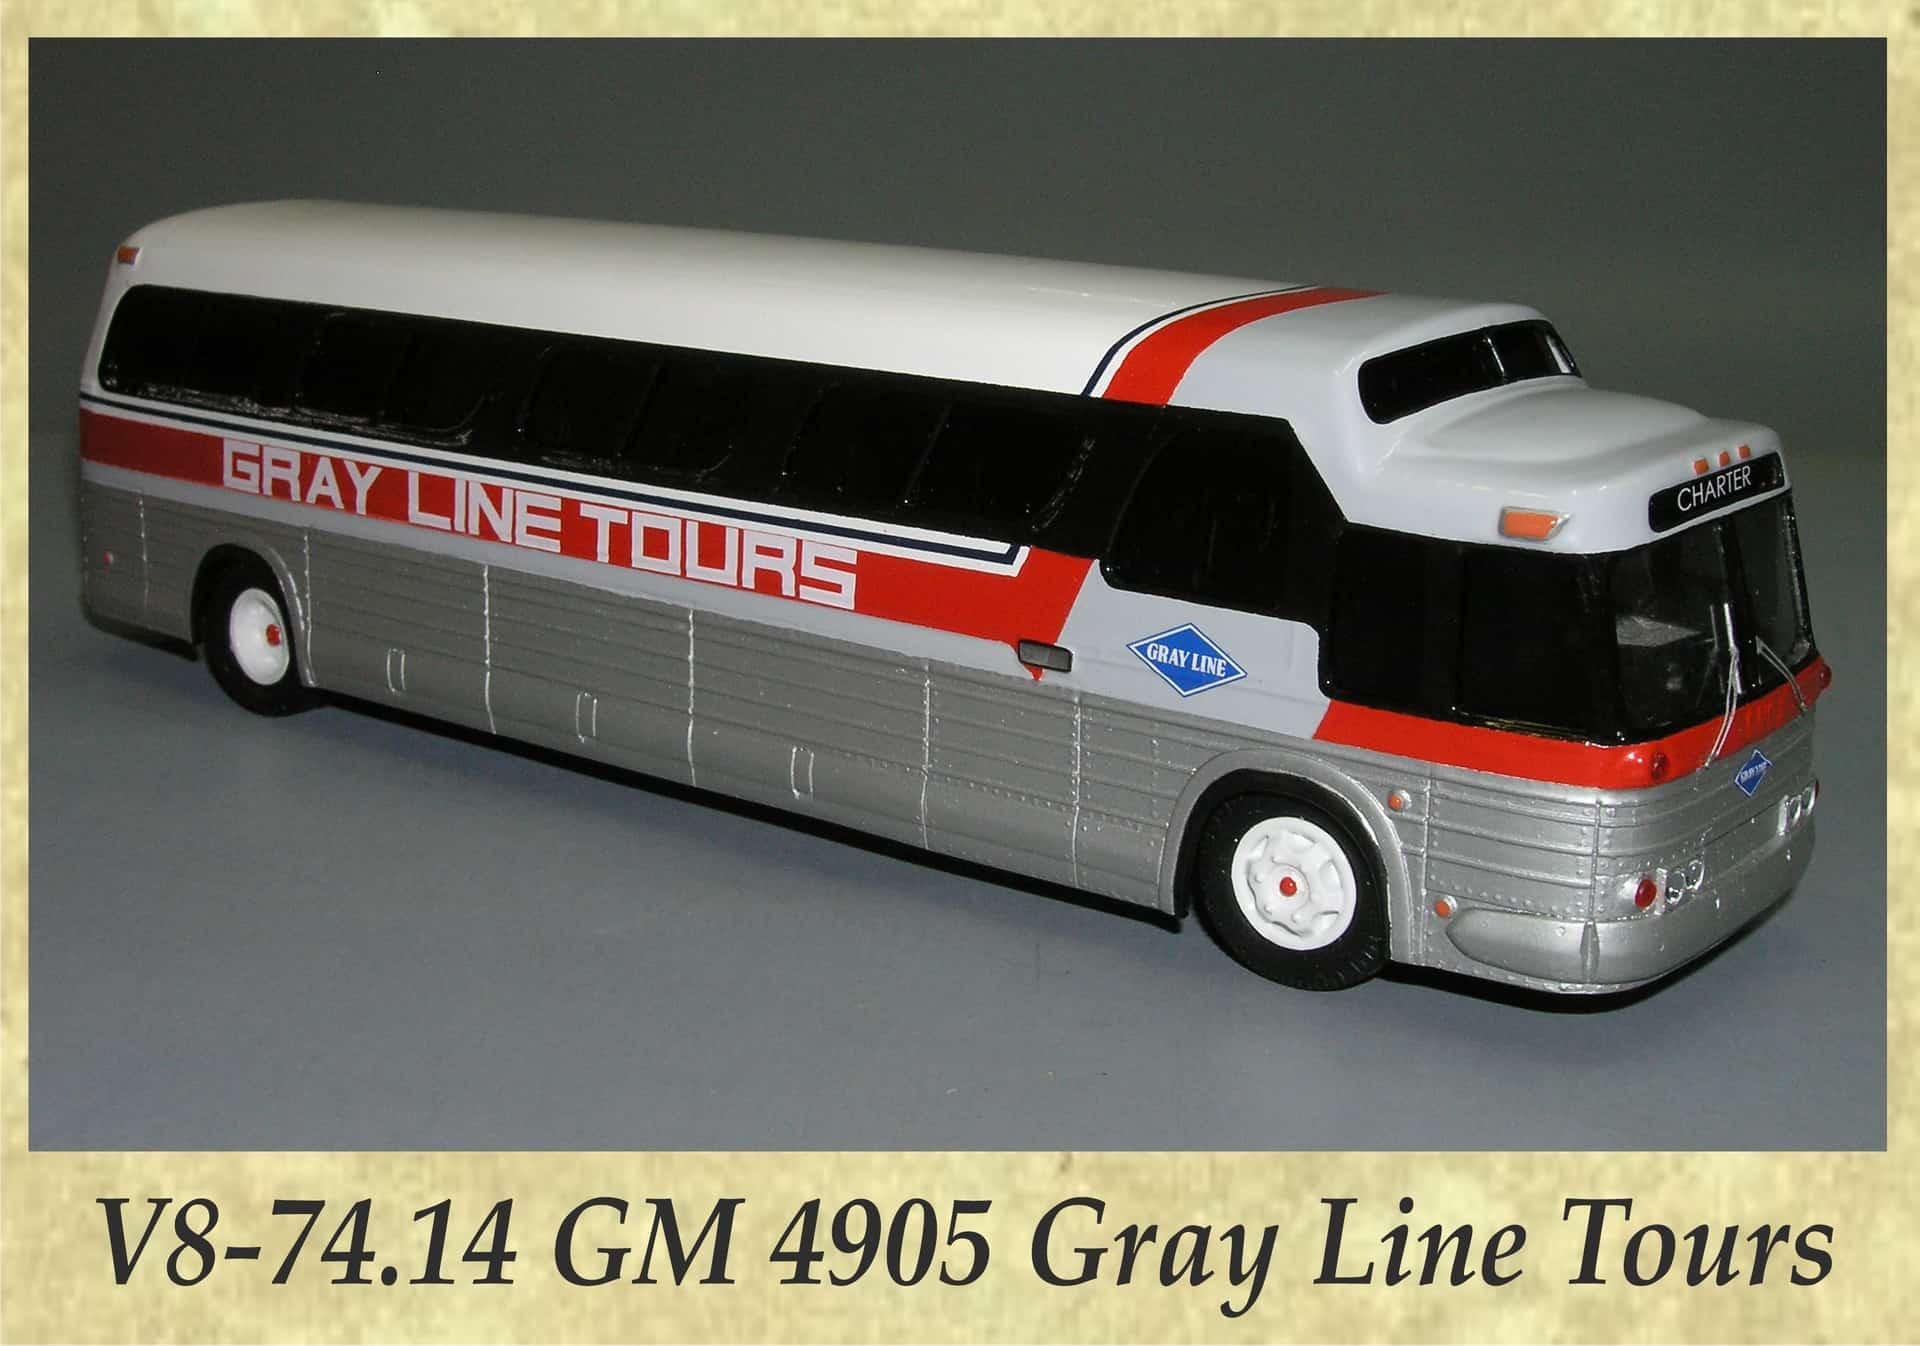 V8-74.14 GM 4905 Gray Line Tours